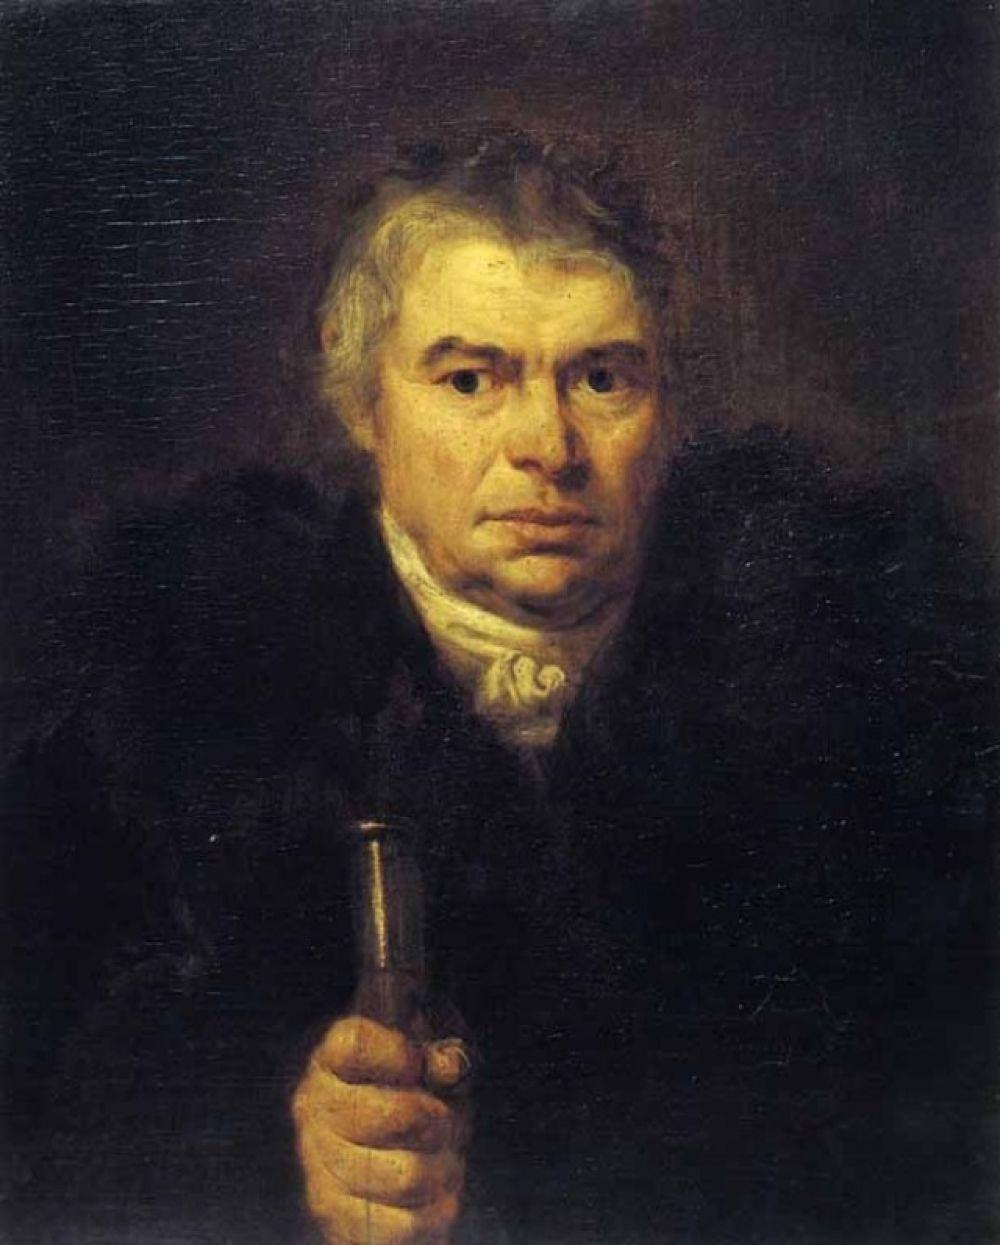 Портрет А. К. Швальбе (1804). Этой картиной Орест дебютировал как портретист. Молодому художнику позировал Адам Швальбе, в семье которого Орест жил и воспитывался.  Стоит отметить, что от Швальбе художник унаследовал отчество. А фамилию он получил позже от прозвища «Копорский», произошедшего от названия Копорье, местечка, где он был крещён.